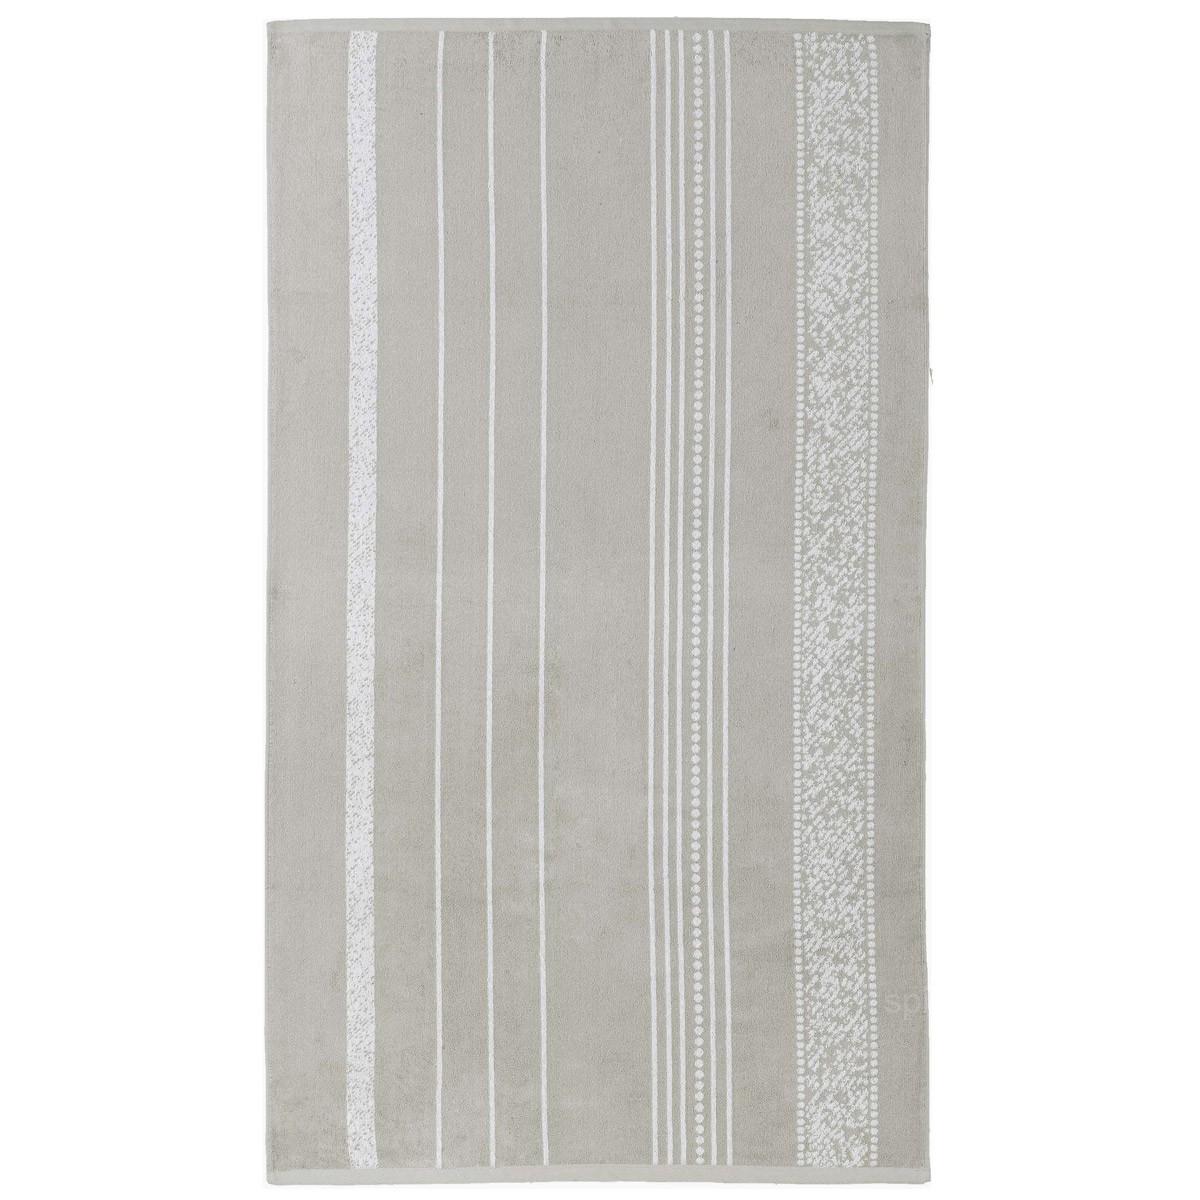 Πετσέτα Θαλάσσης Nima Beach Towels Homme Grey home   θαλάσσης   πετσέτες θαλάσσης ενηλίκων